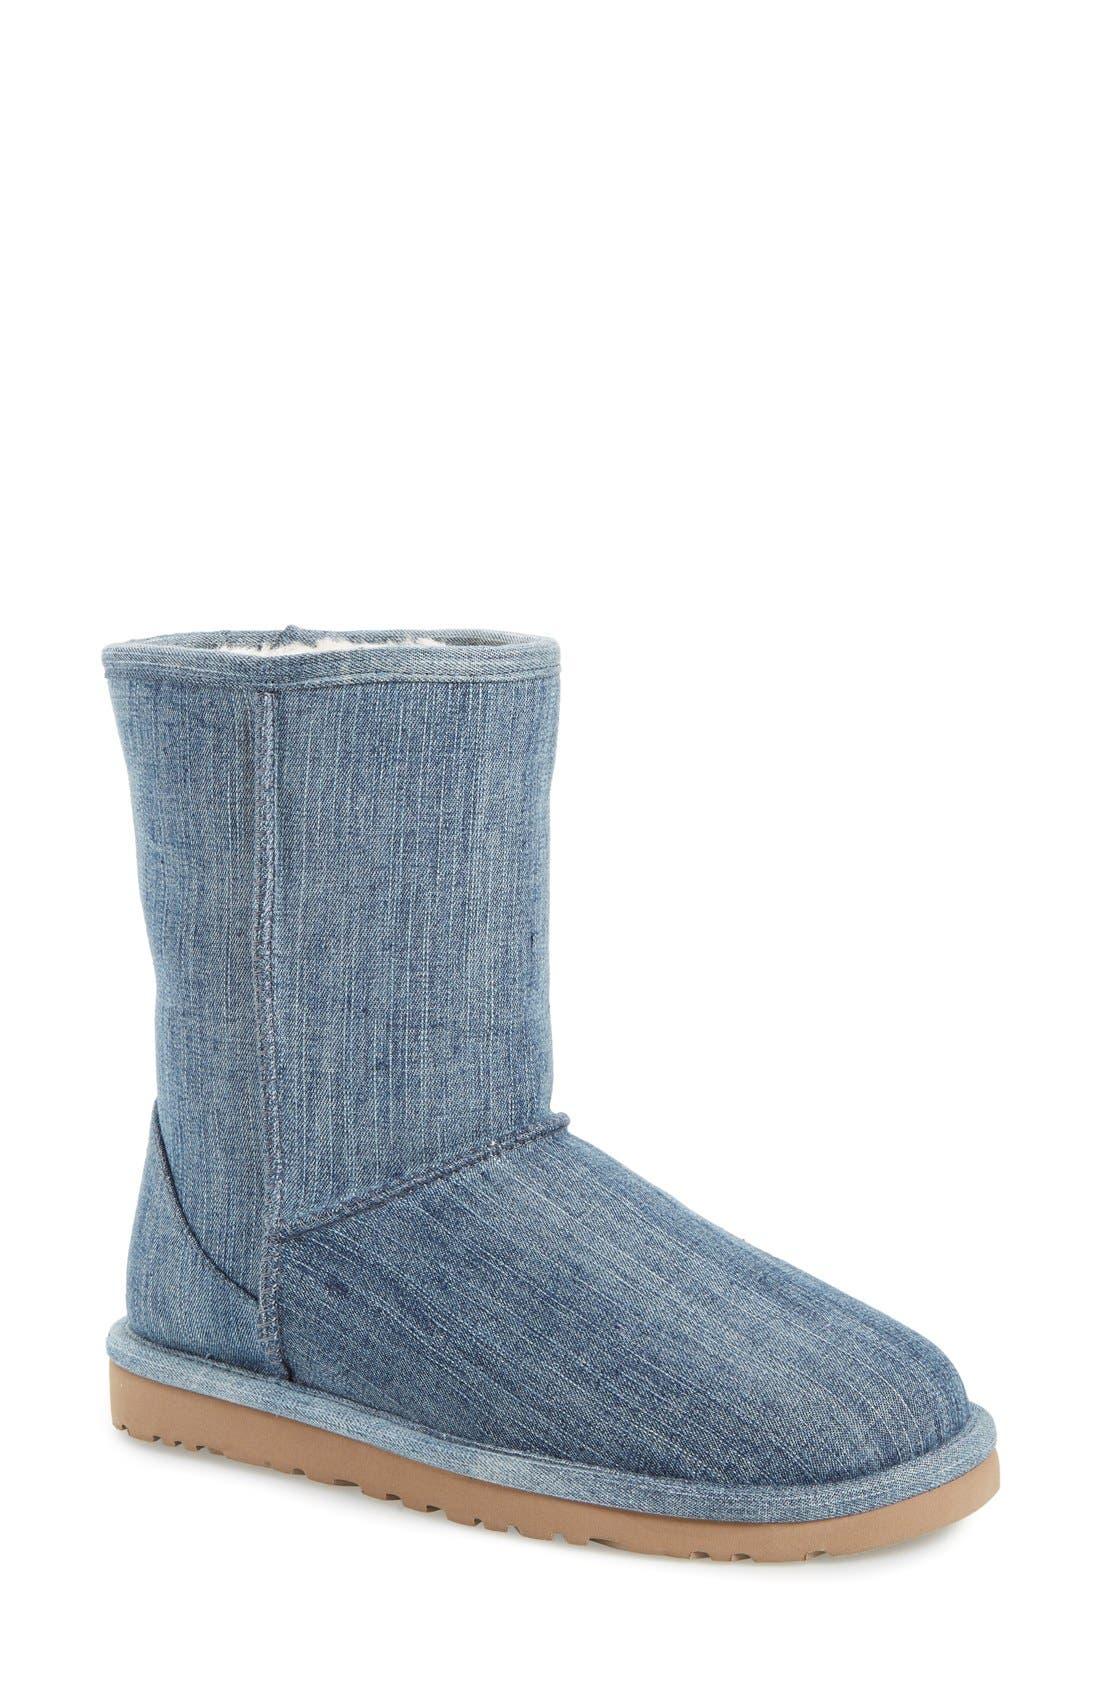 Main Image - UGG® 'Classic Short' Denim Boot (Women)